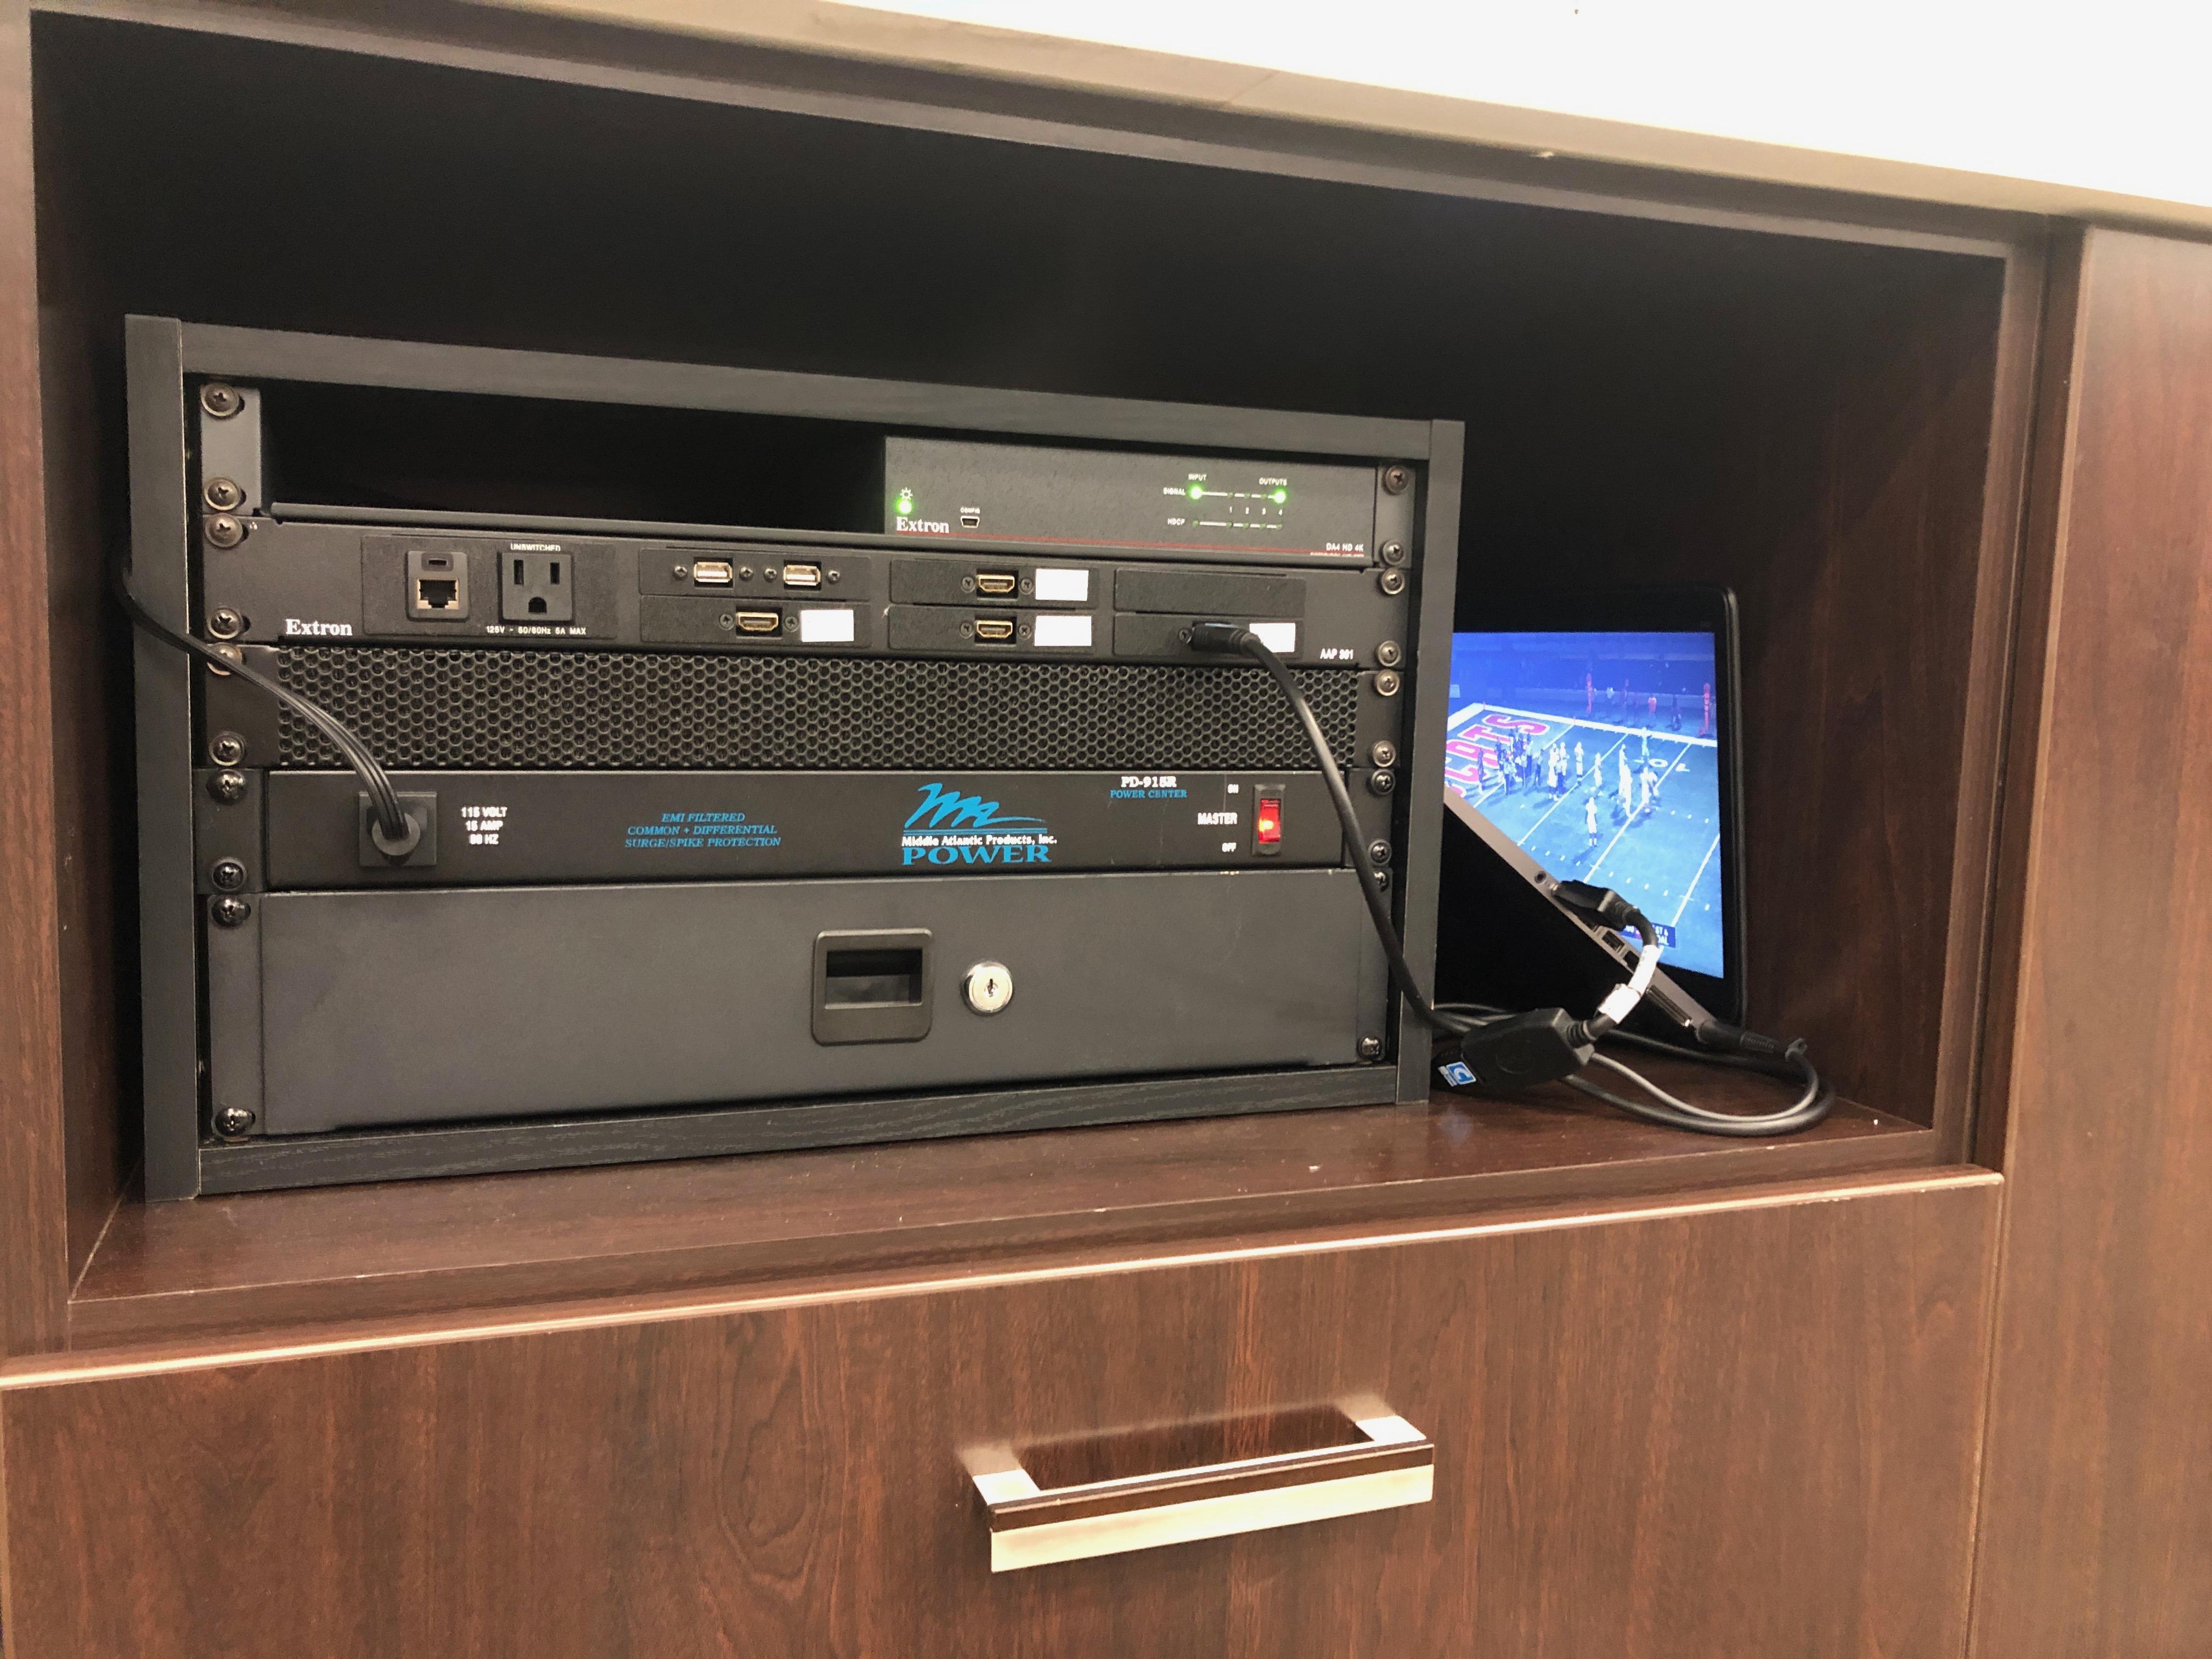 Room 202 HDMI distribution hub